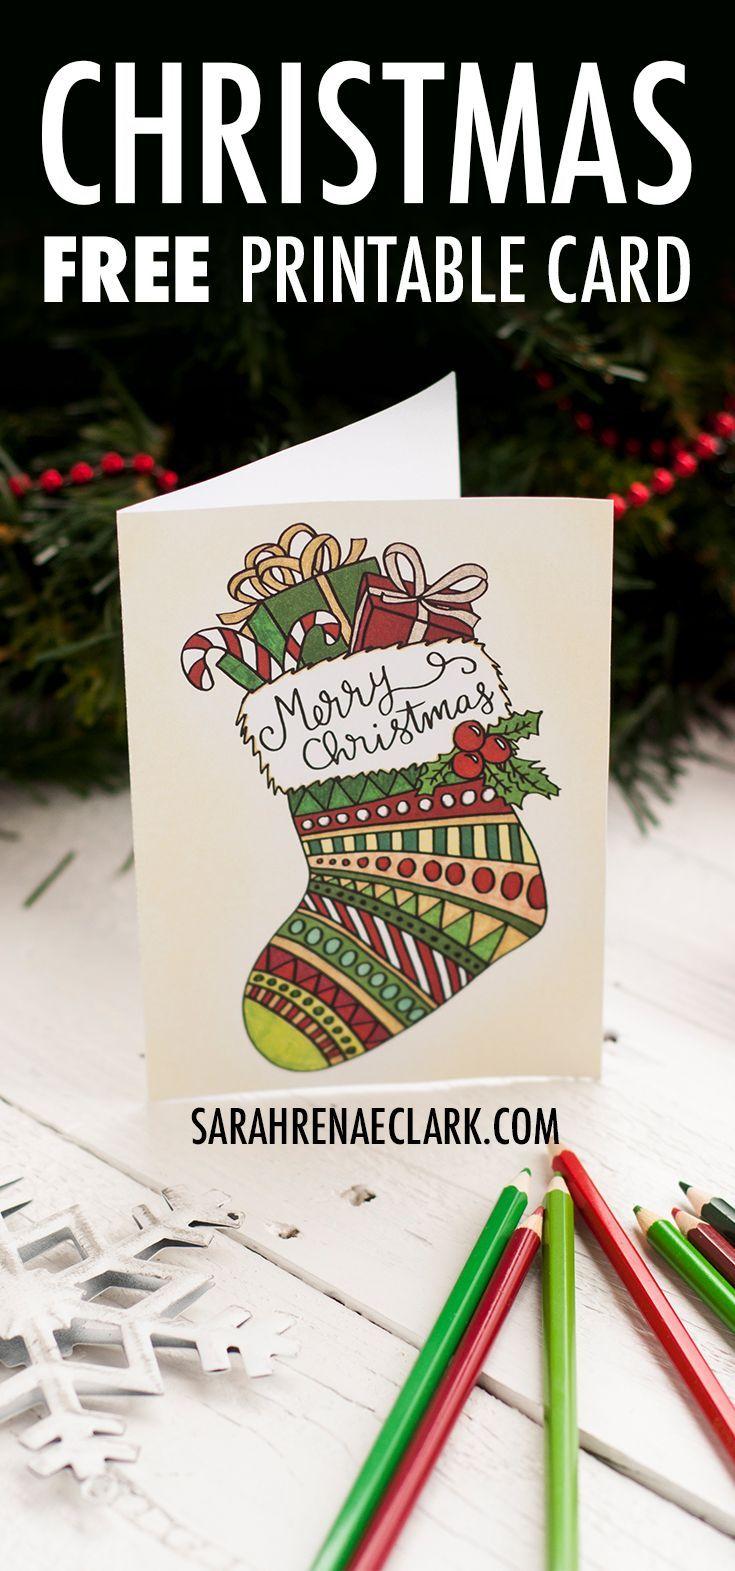 Free Christmas Card Printable Template Coloring Page Christmas Card Christmas Coloring Cards Printable Christmas Cards Christmas Cards Free